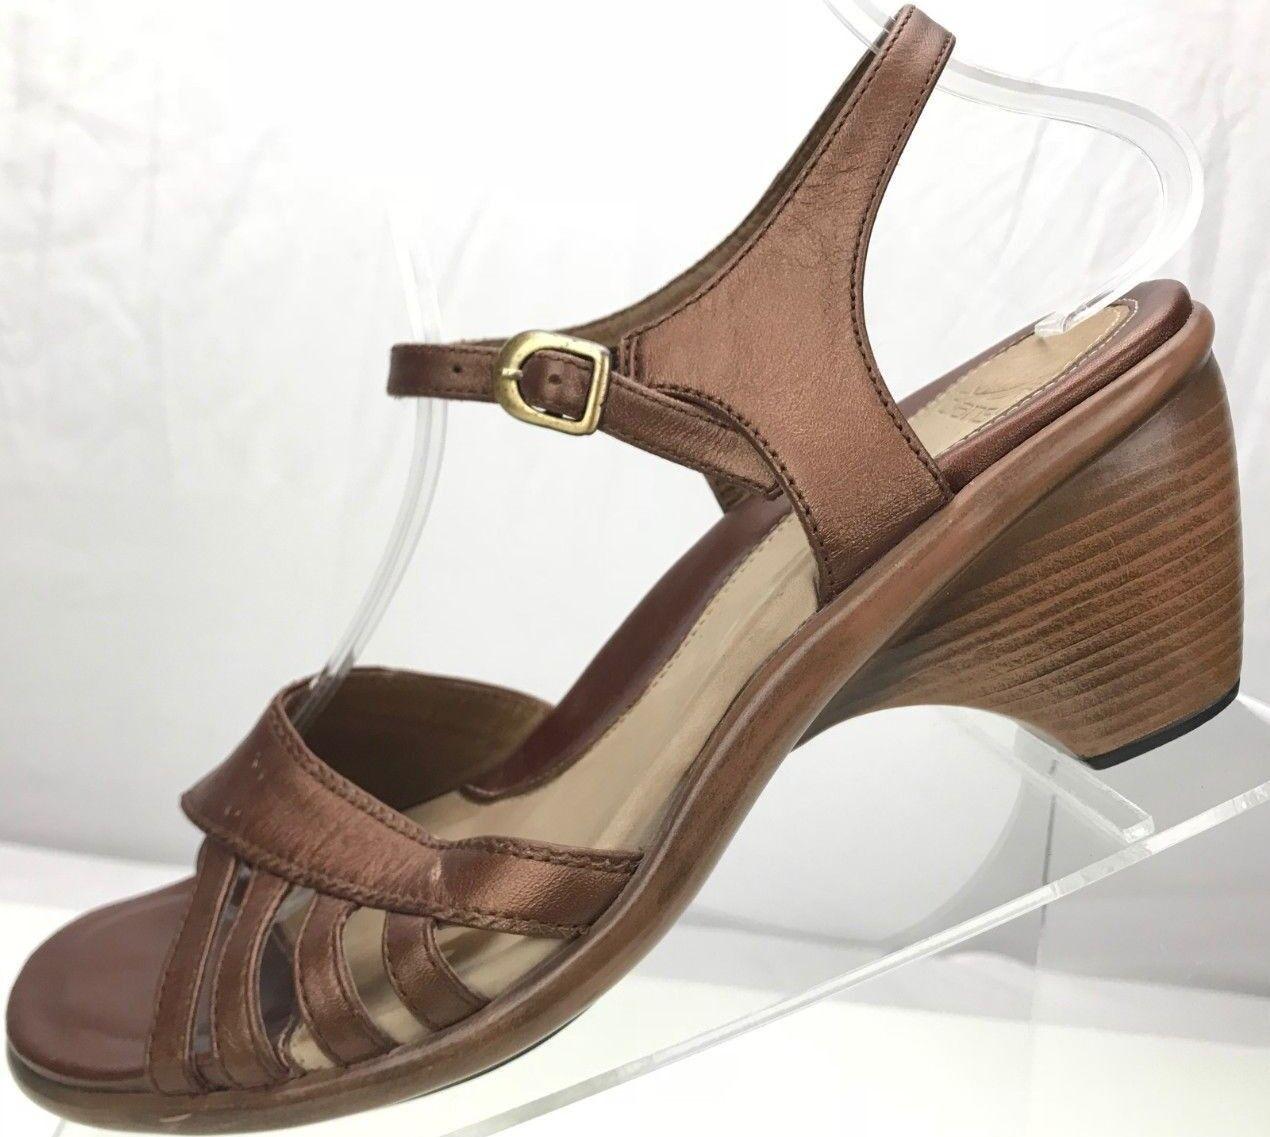 Dansko Ankle Strap Sandals - Open Toe Leather Clog Heels Women's 39,8.5 9 Bronze